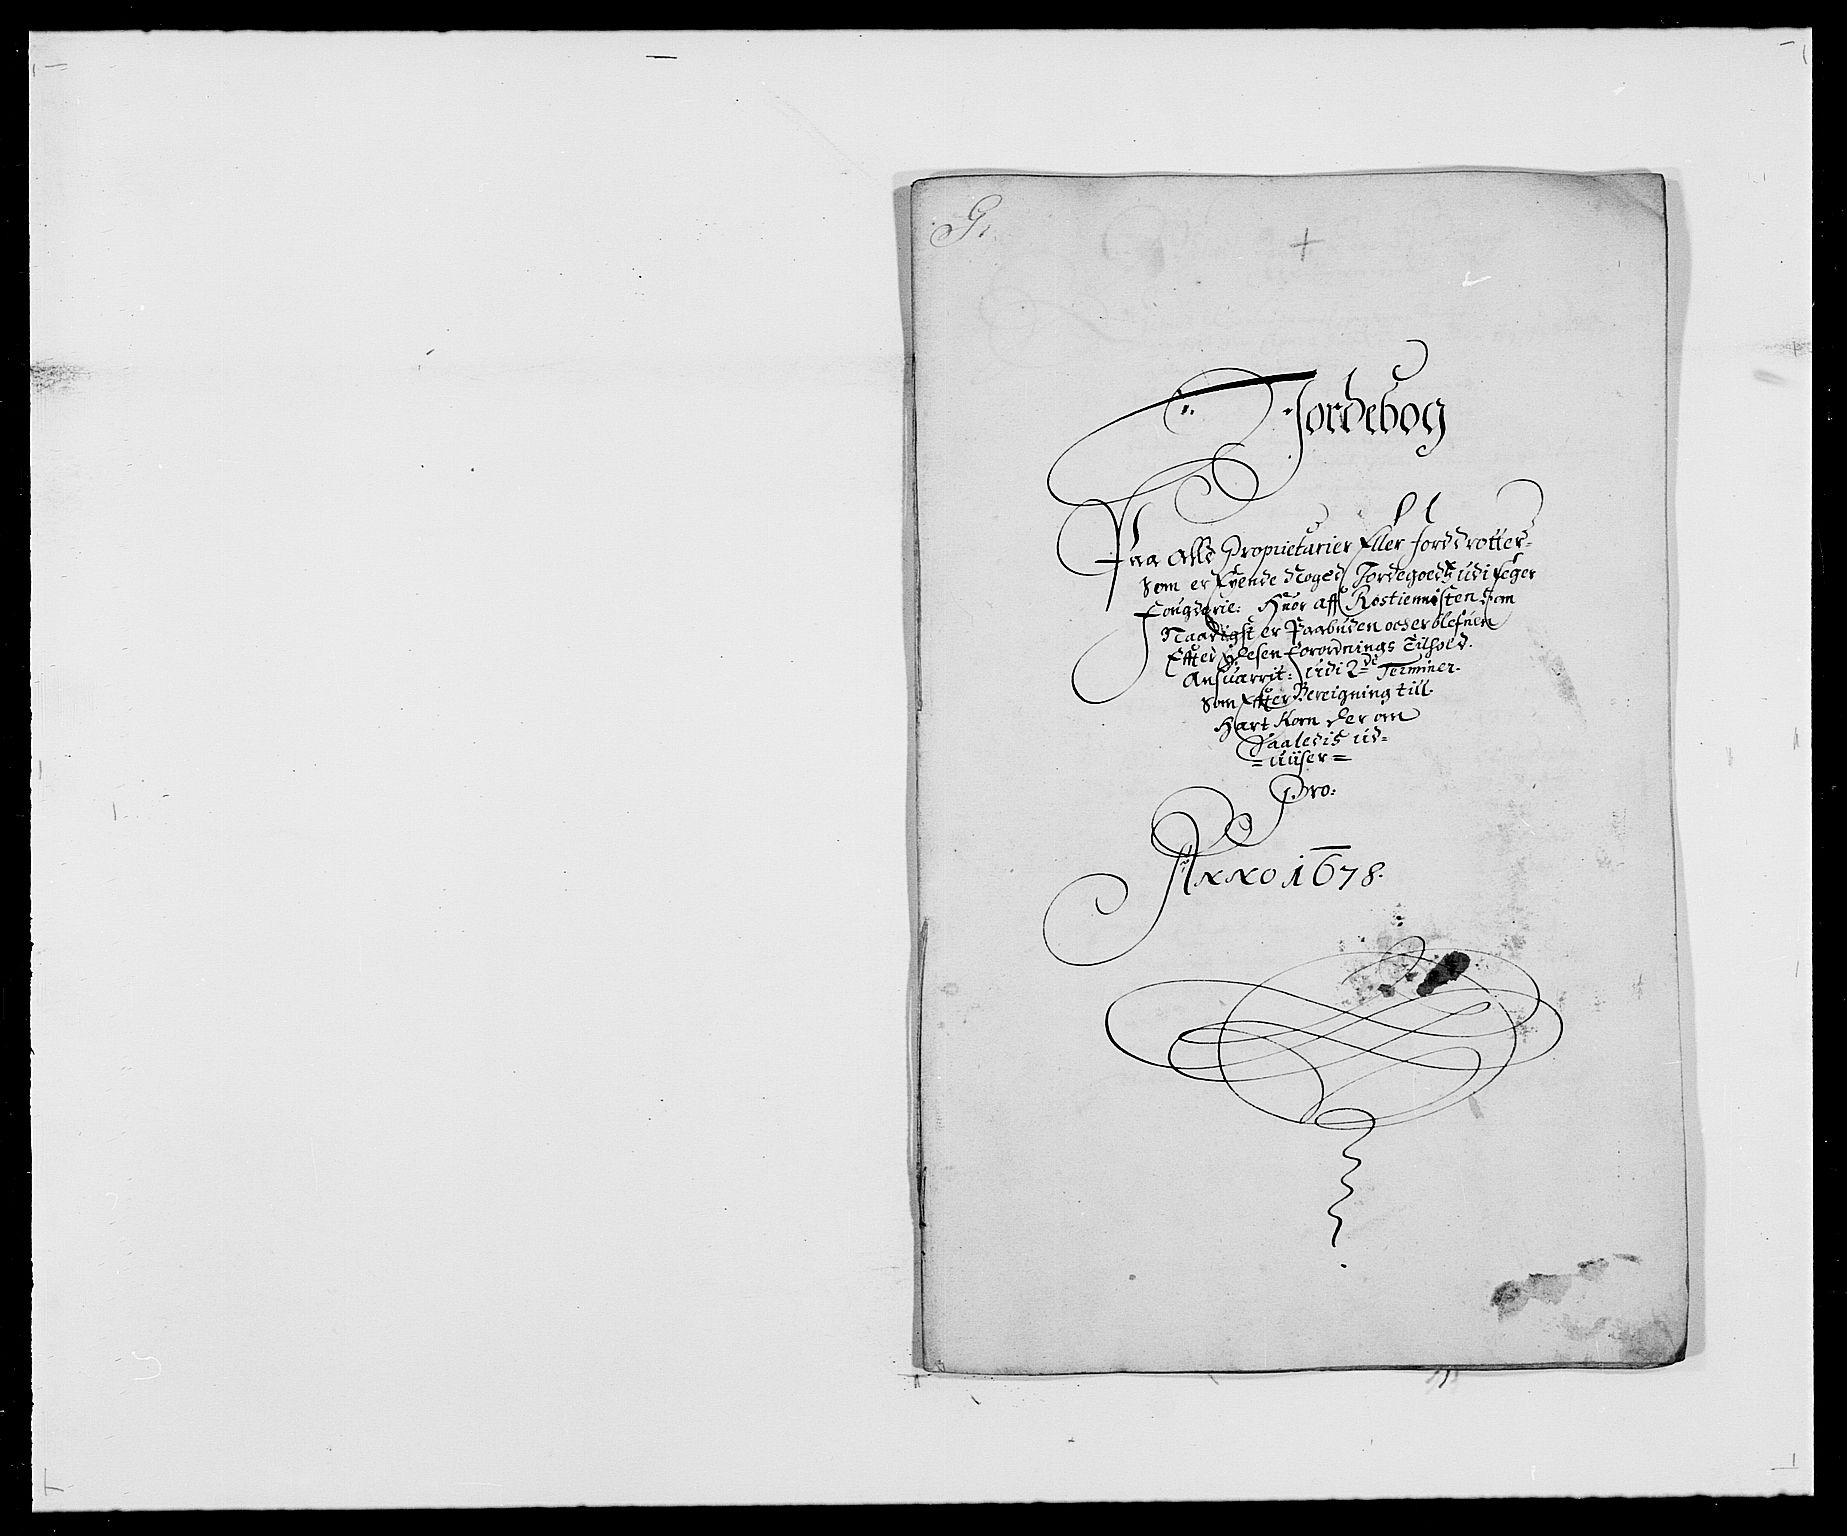 RA, Rentekammeret inntil 1814, Reviderte regnskaper, Fogderegnskap, R26/L1683: Fogderegnskap Eiker, 1678, s. 69